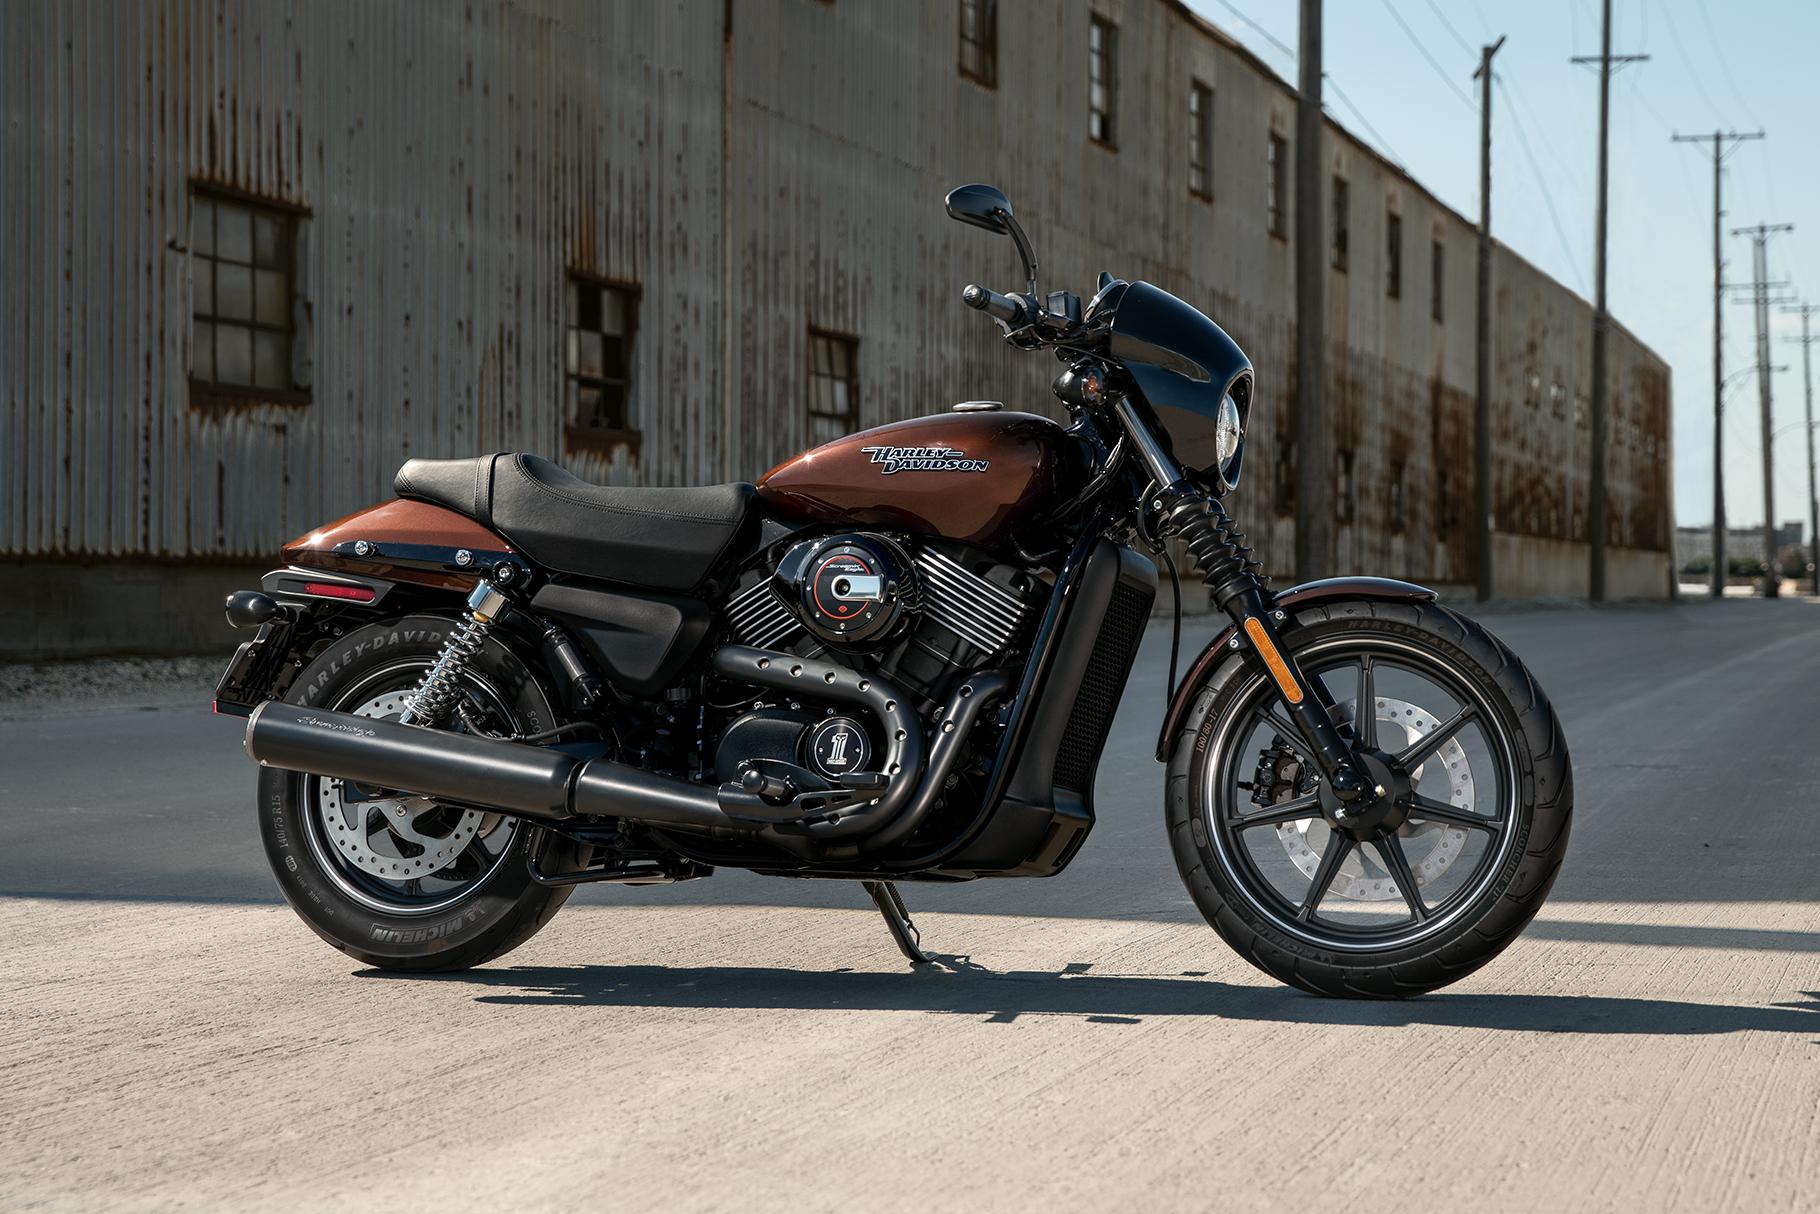 2019 harley davidson street 750 motorcycle harley. Black Bedroom Furniture Sets. Home Design Ideas